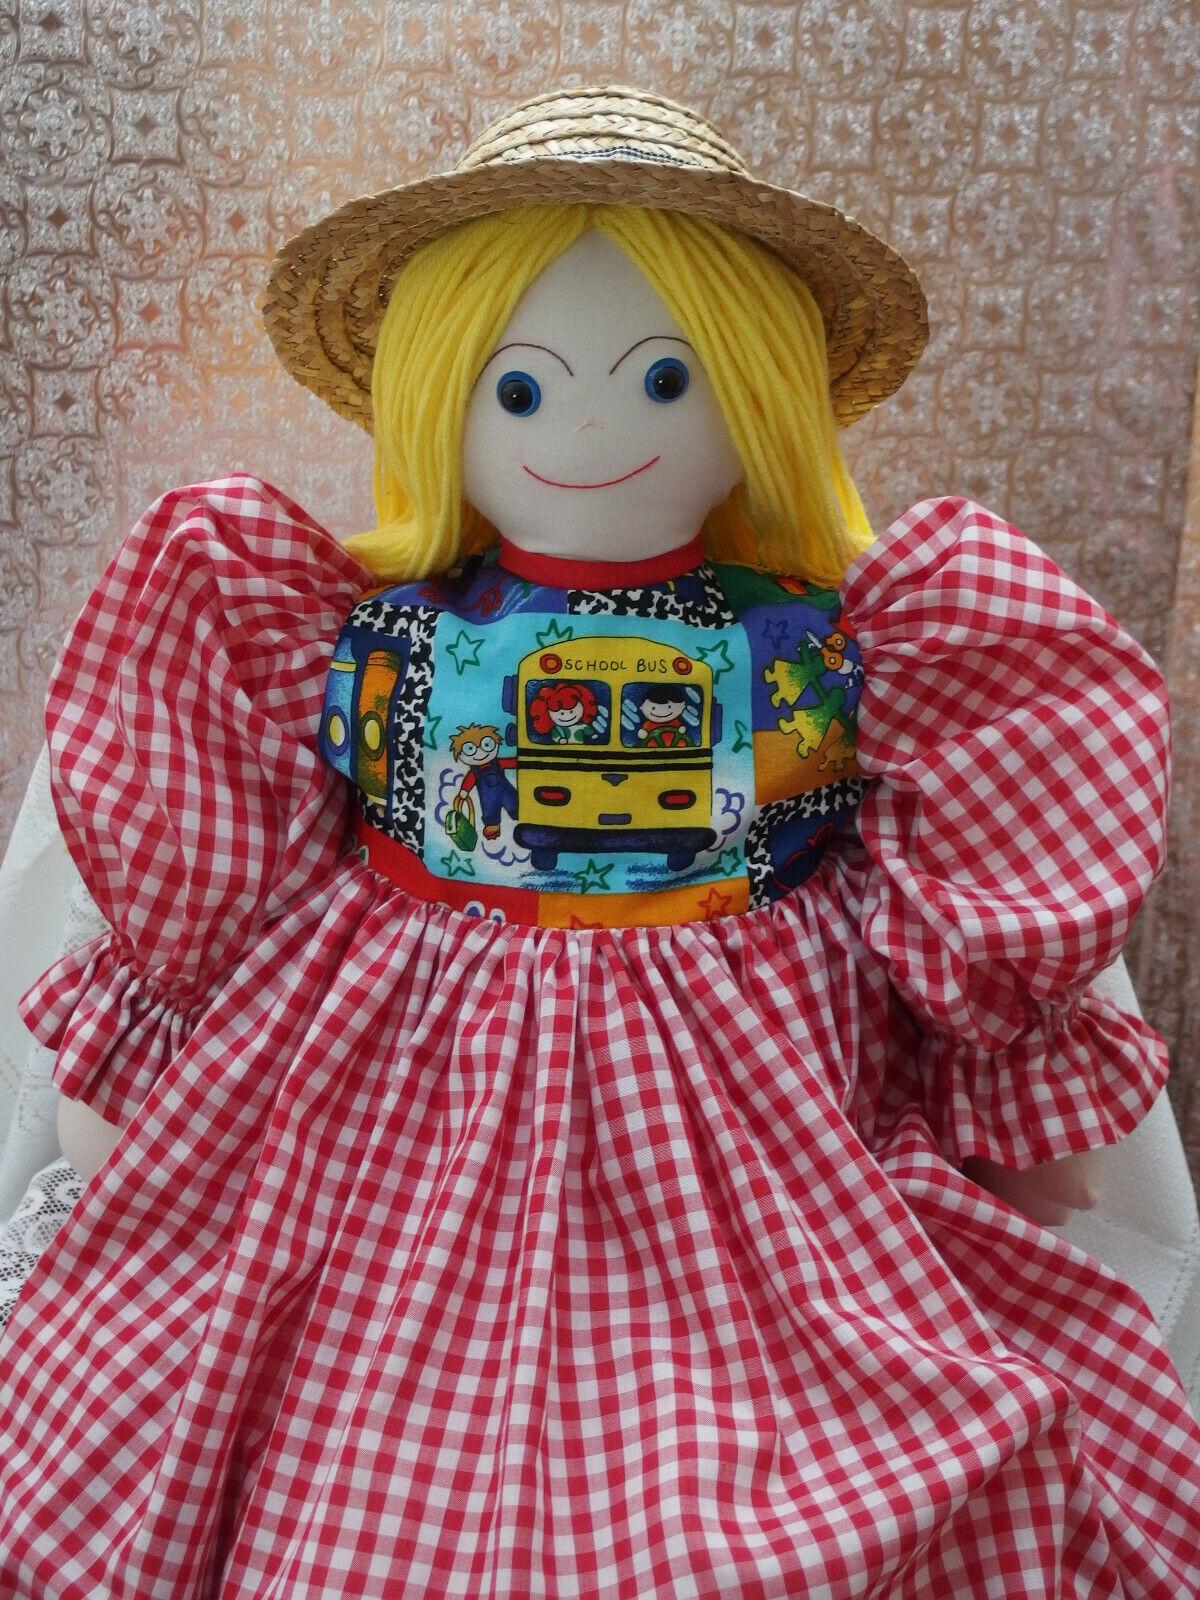 Hecho a mano 34  saludador saludador saludador Trapo Muñeca con vestido largo Sombrero de Paja X pre-escolar Decoraciones NUEVA  entrega de rayos